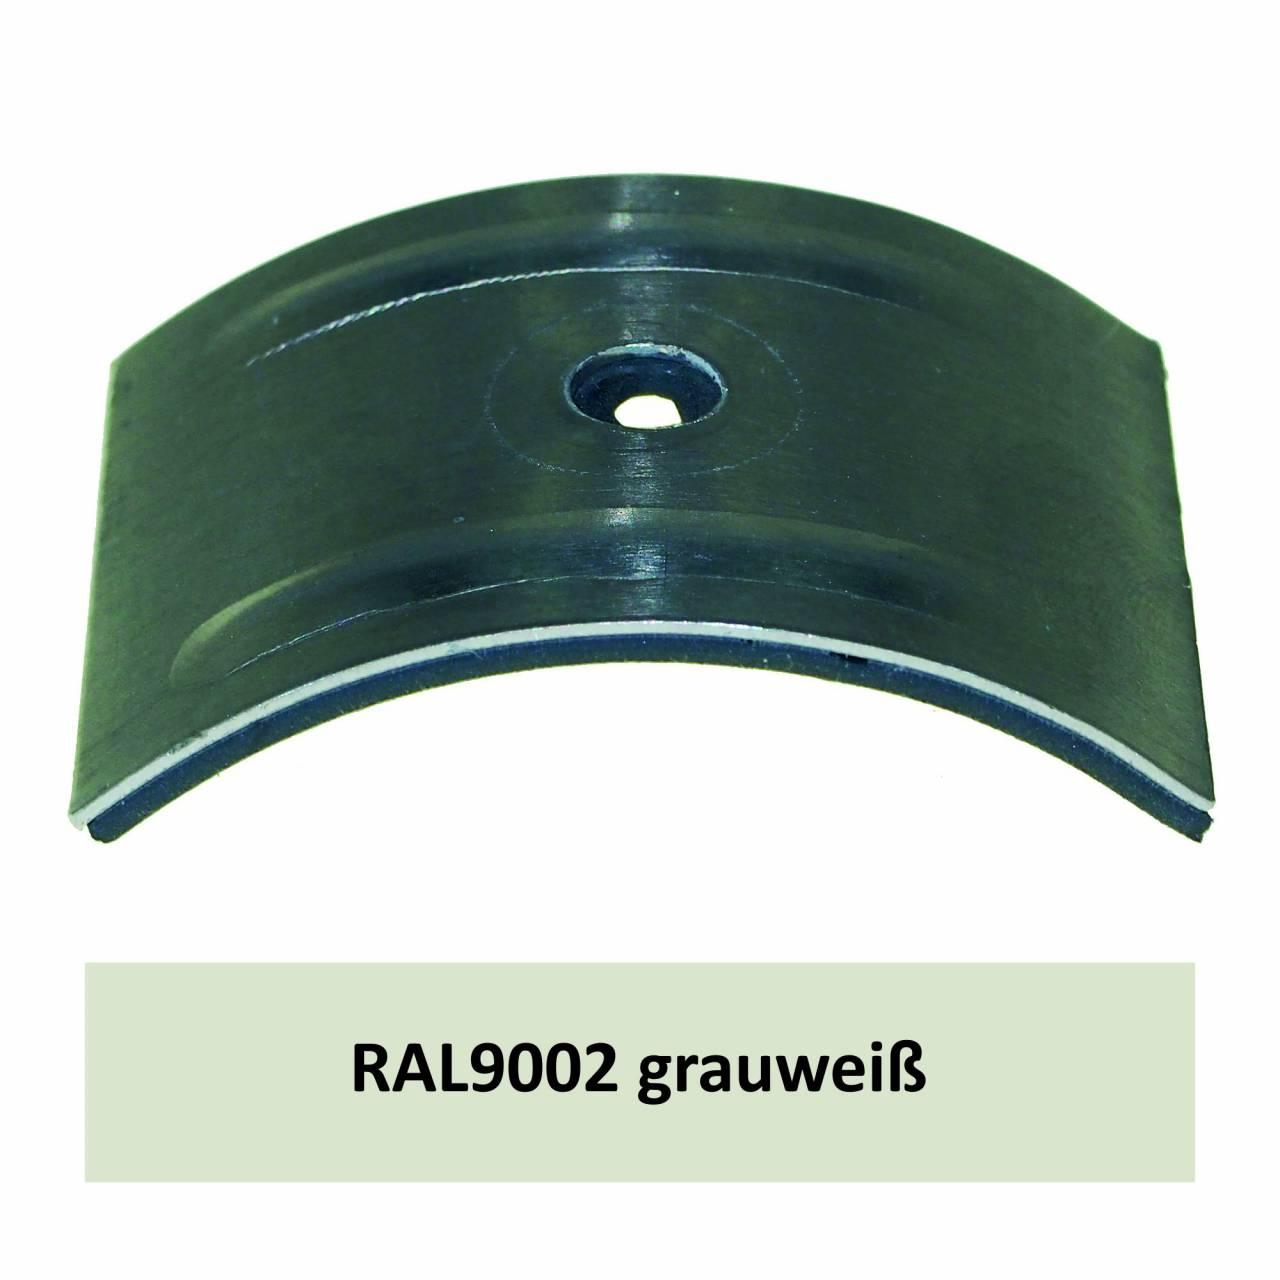 Kalotten für Welle 130/30, Alu RAL9002 grauweiß / Pck a 100 Stück